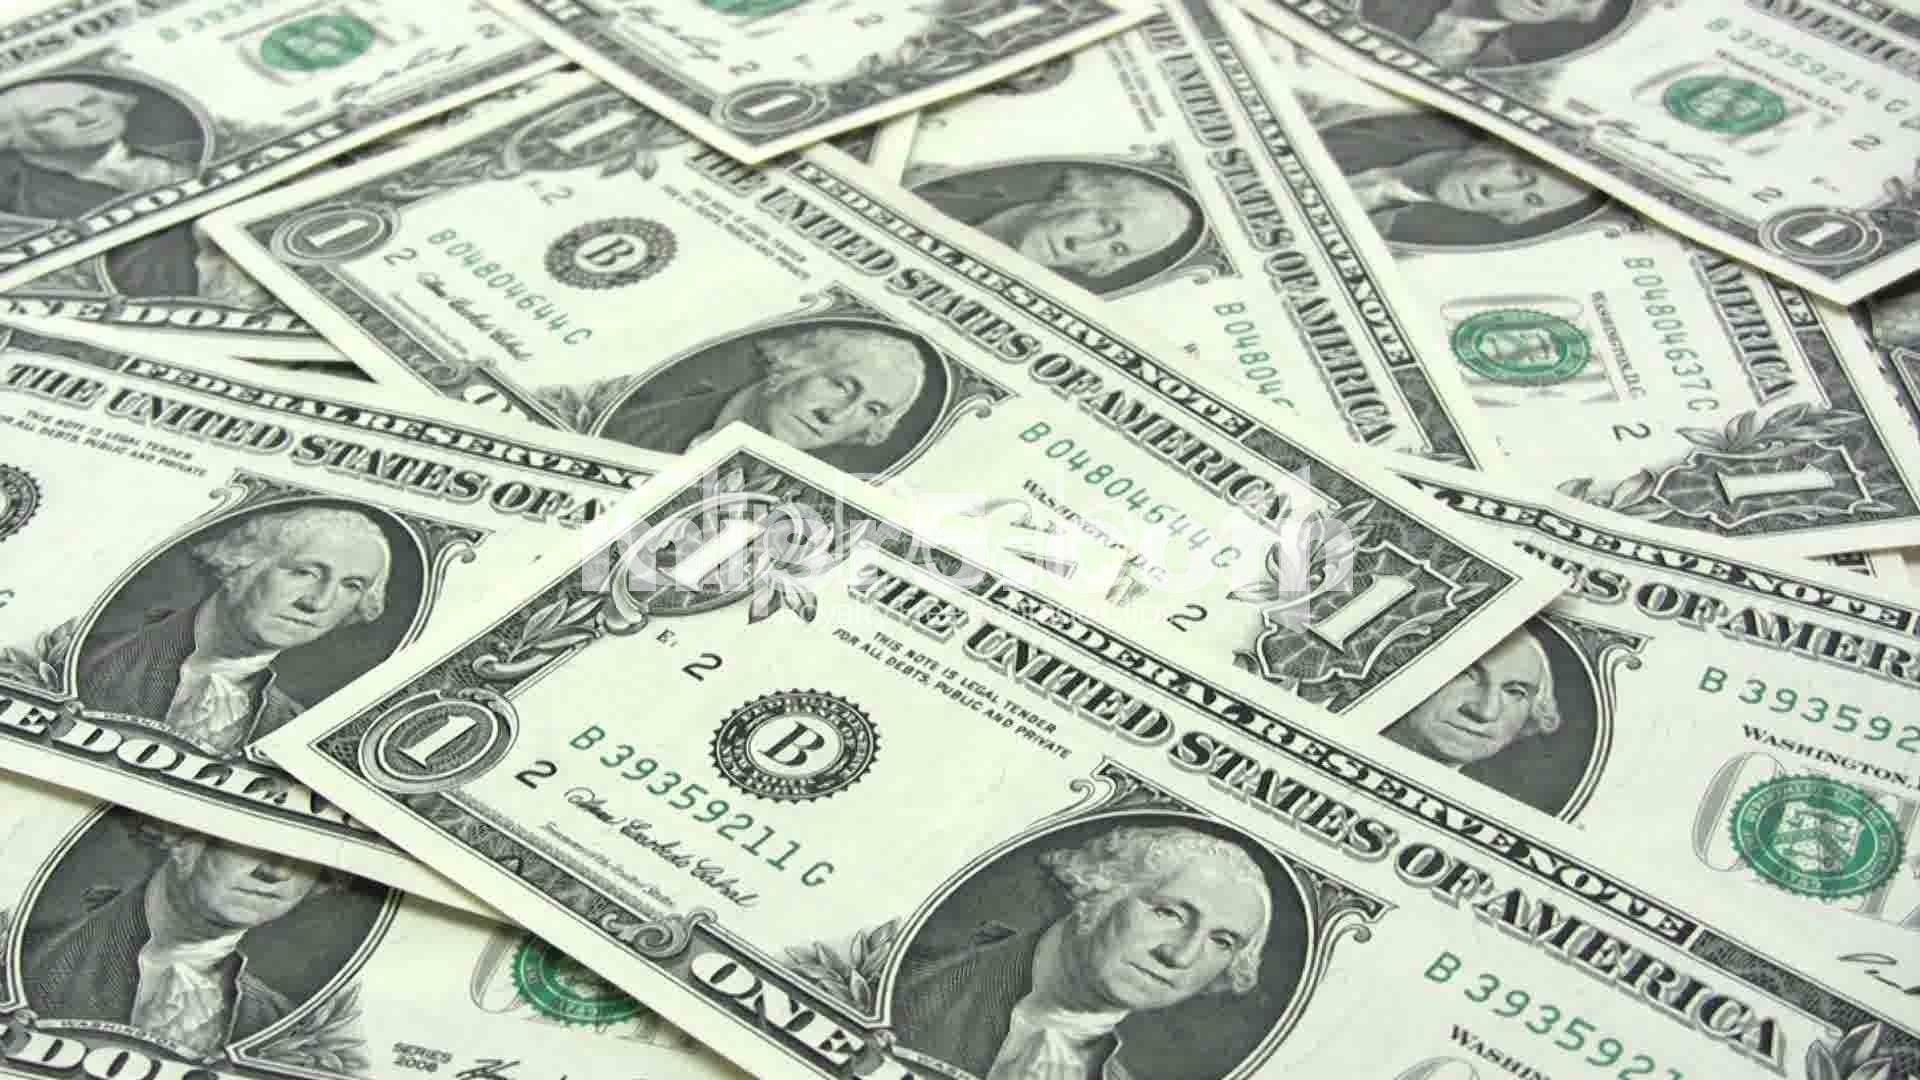 سعر الدولار اليوم السبت 2016 5 14 فى البنوك وشركات الصرافة وخبراء الاقتصاد تحذر من ارتفاعة من جديد معلومة مصرية